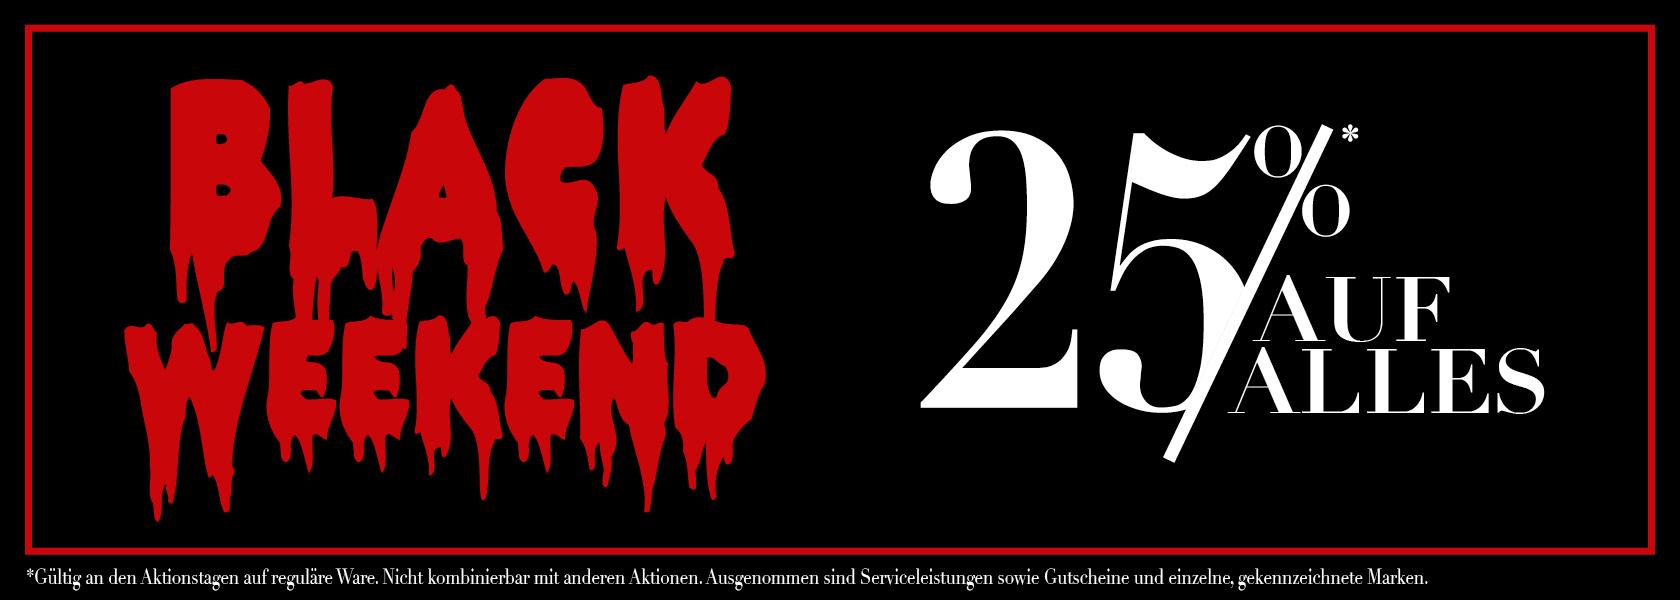 Sinnleffers (Offline): 25% auf Alles z.B Wellensteyn BLACKFRIDAY!